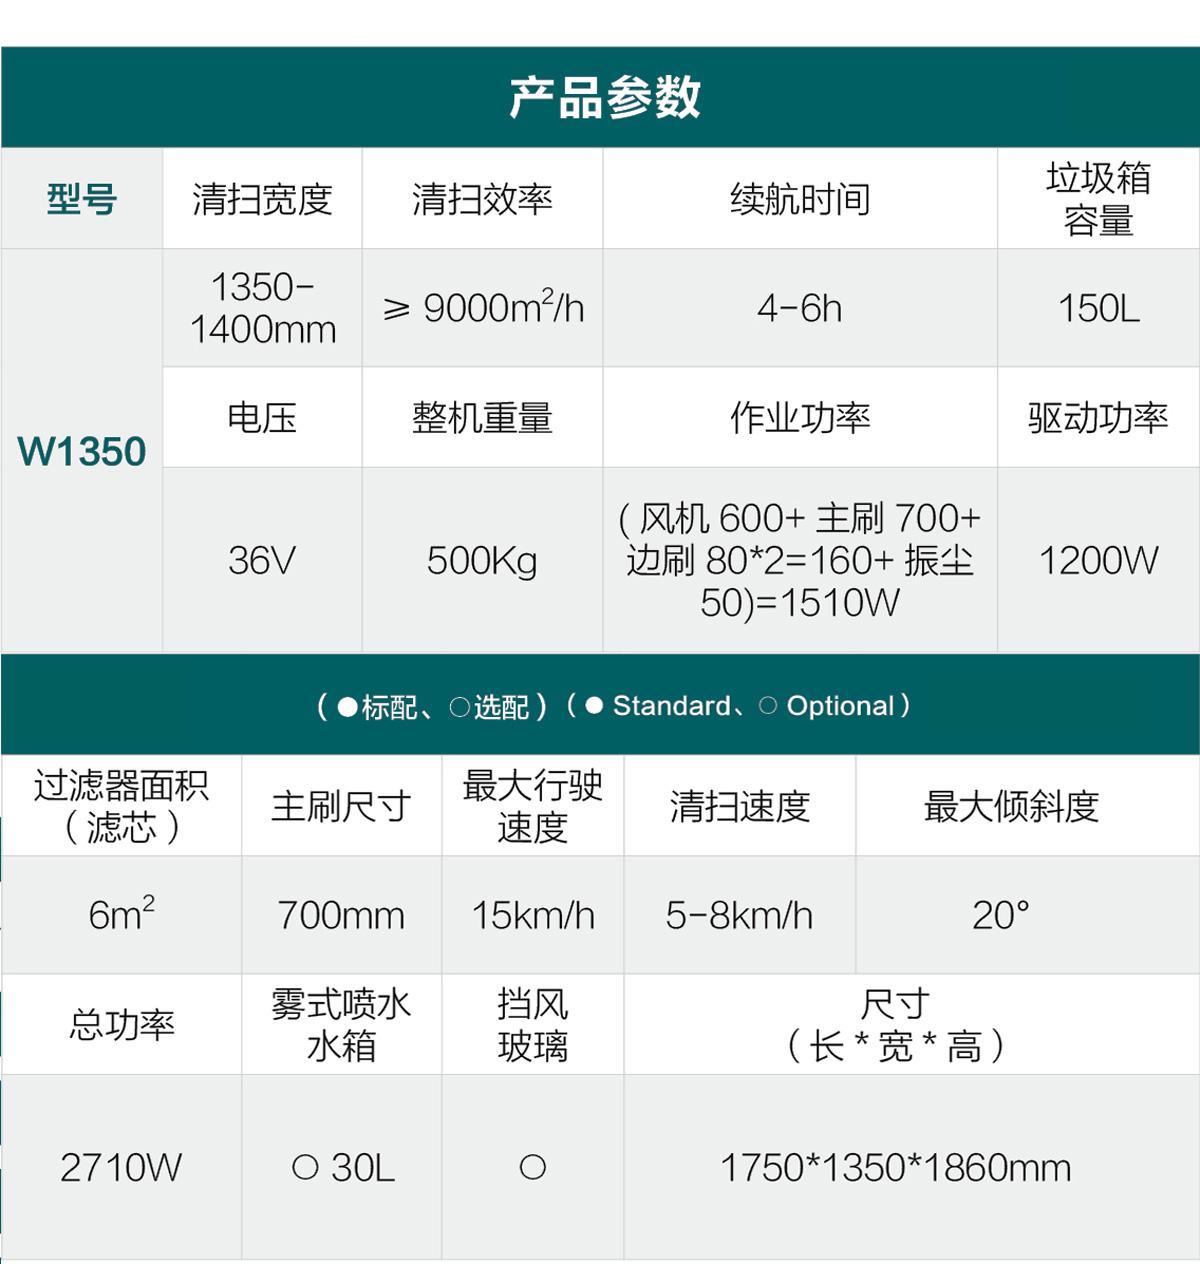 W1350详细参数